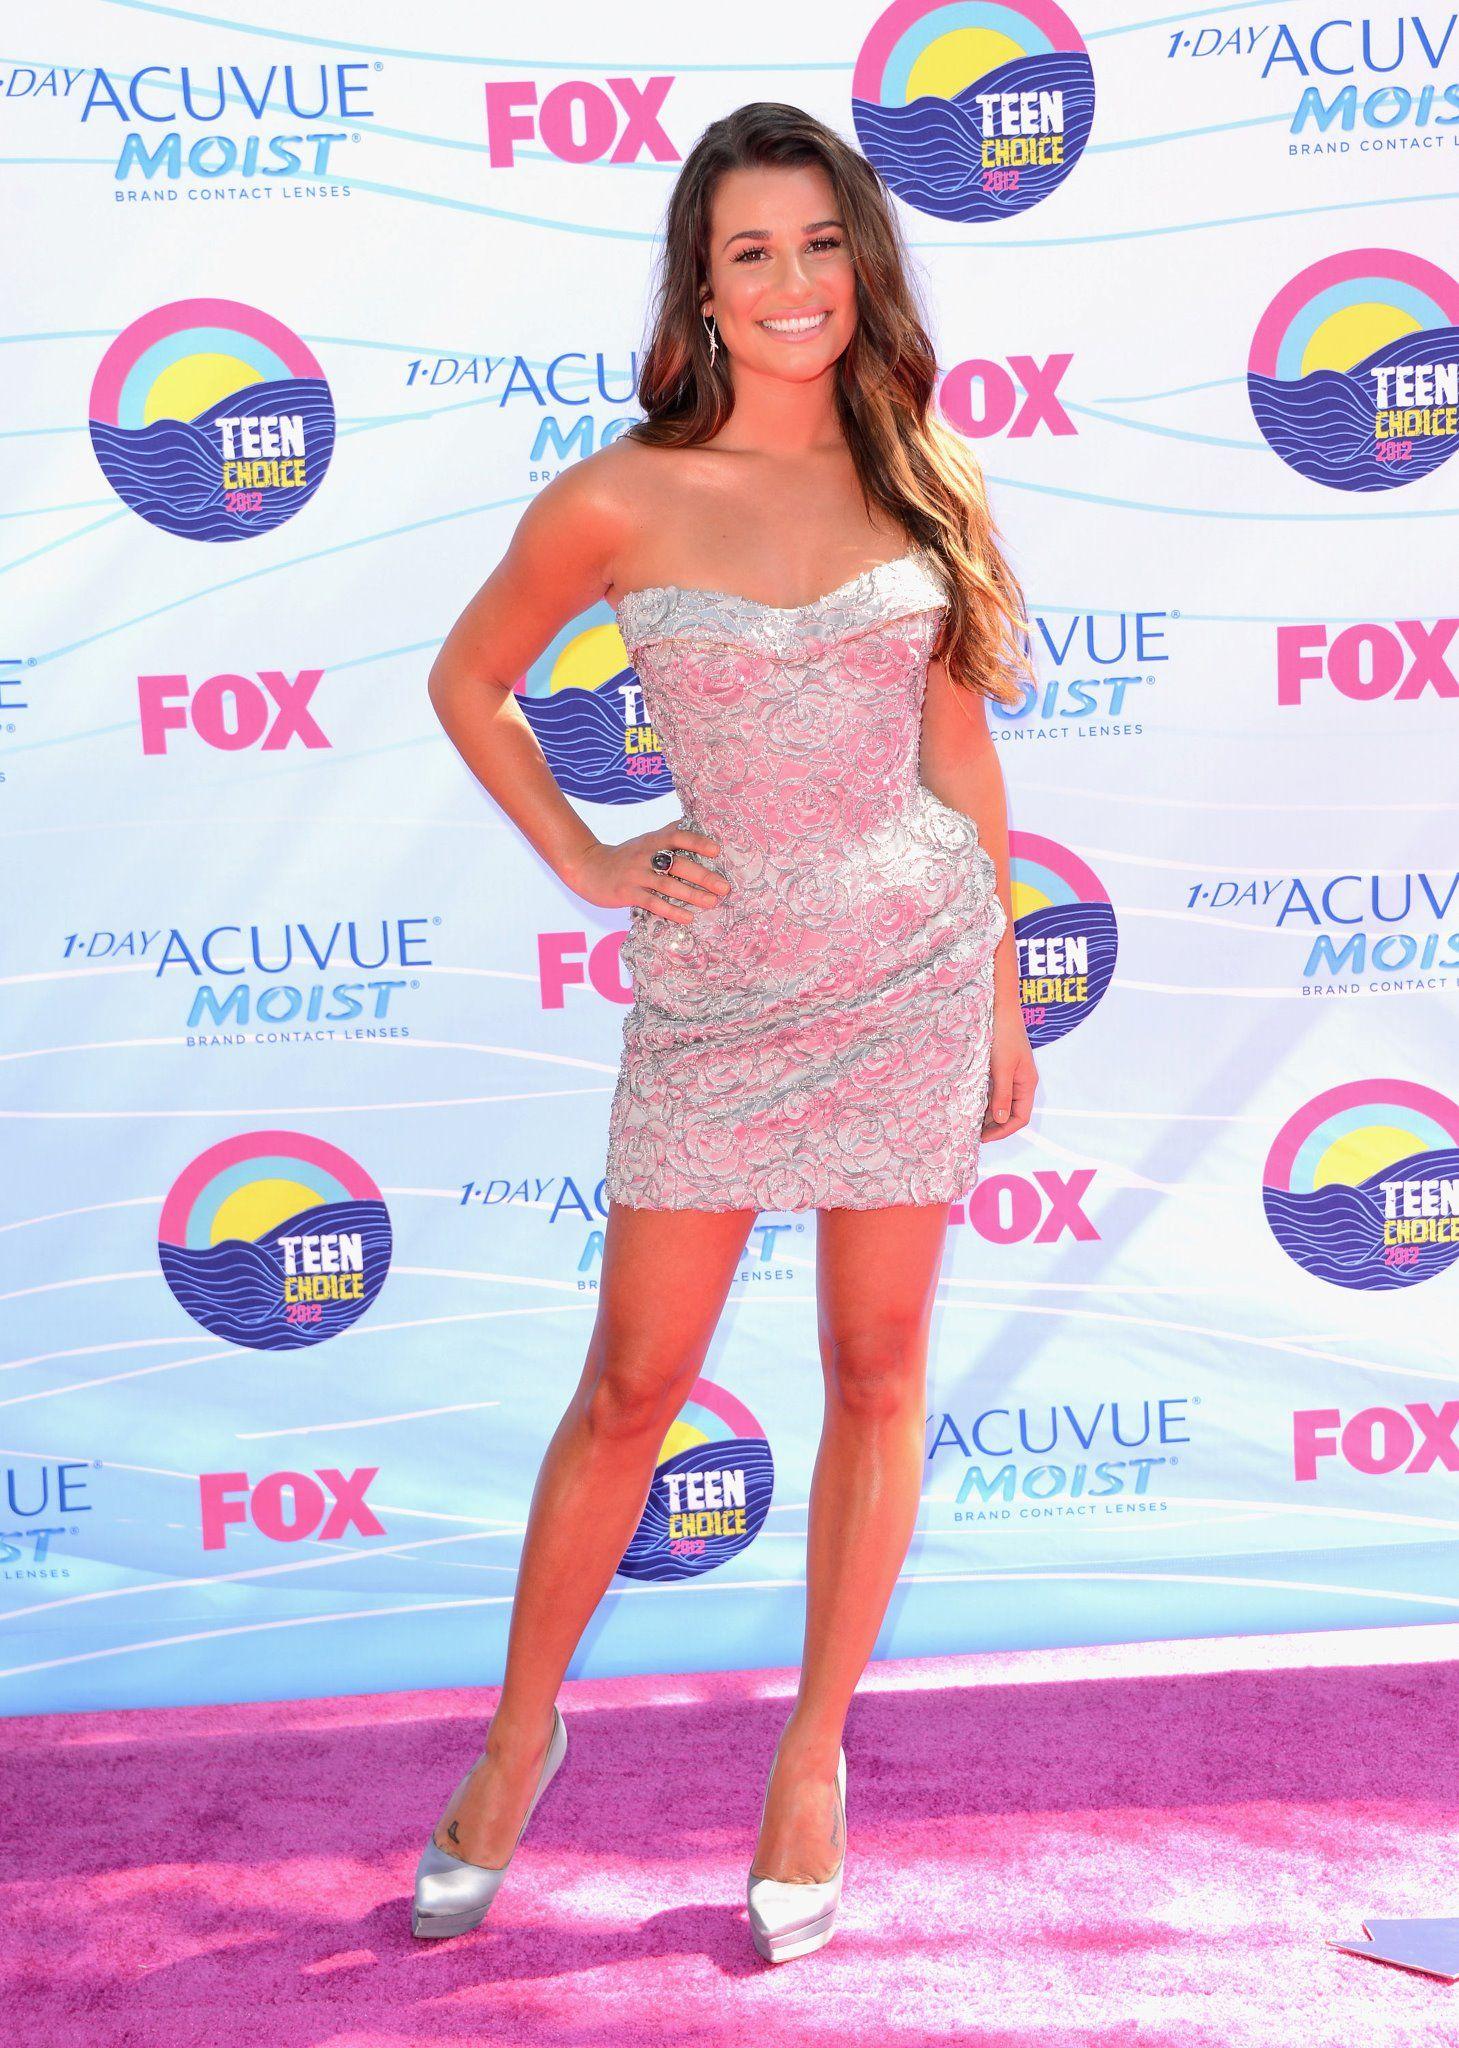 Versace Lea Michele